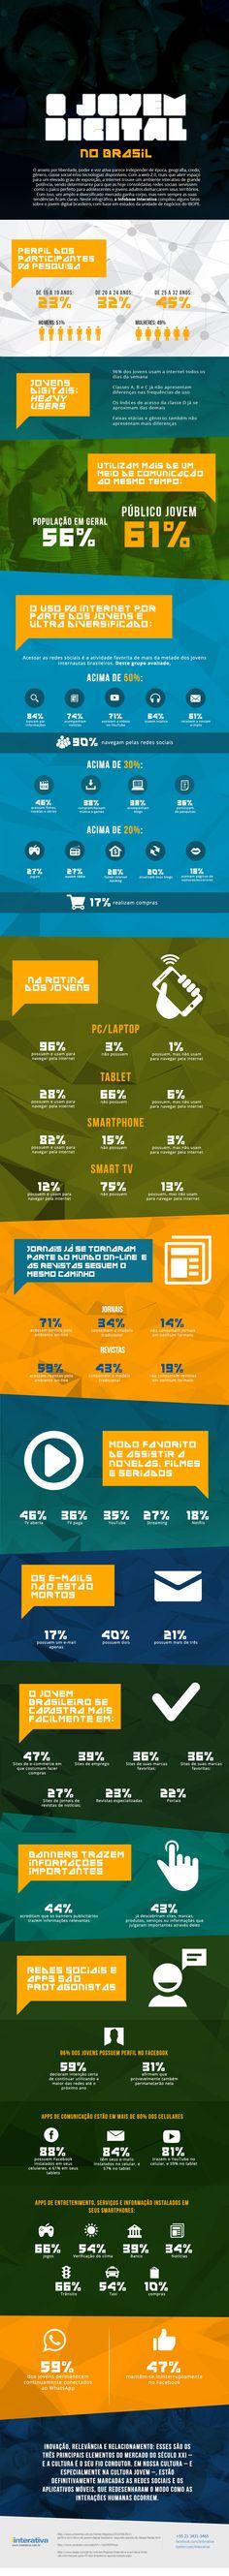 Perfil do jovem brasileiro: Como este público utiliza a internet e ferramentas digitais